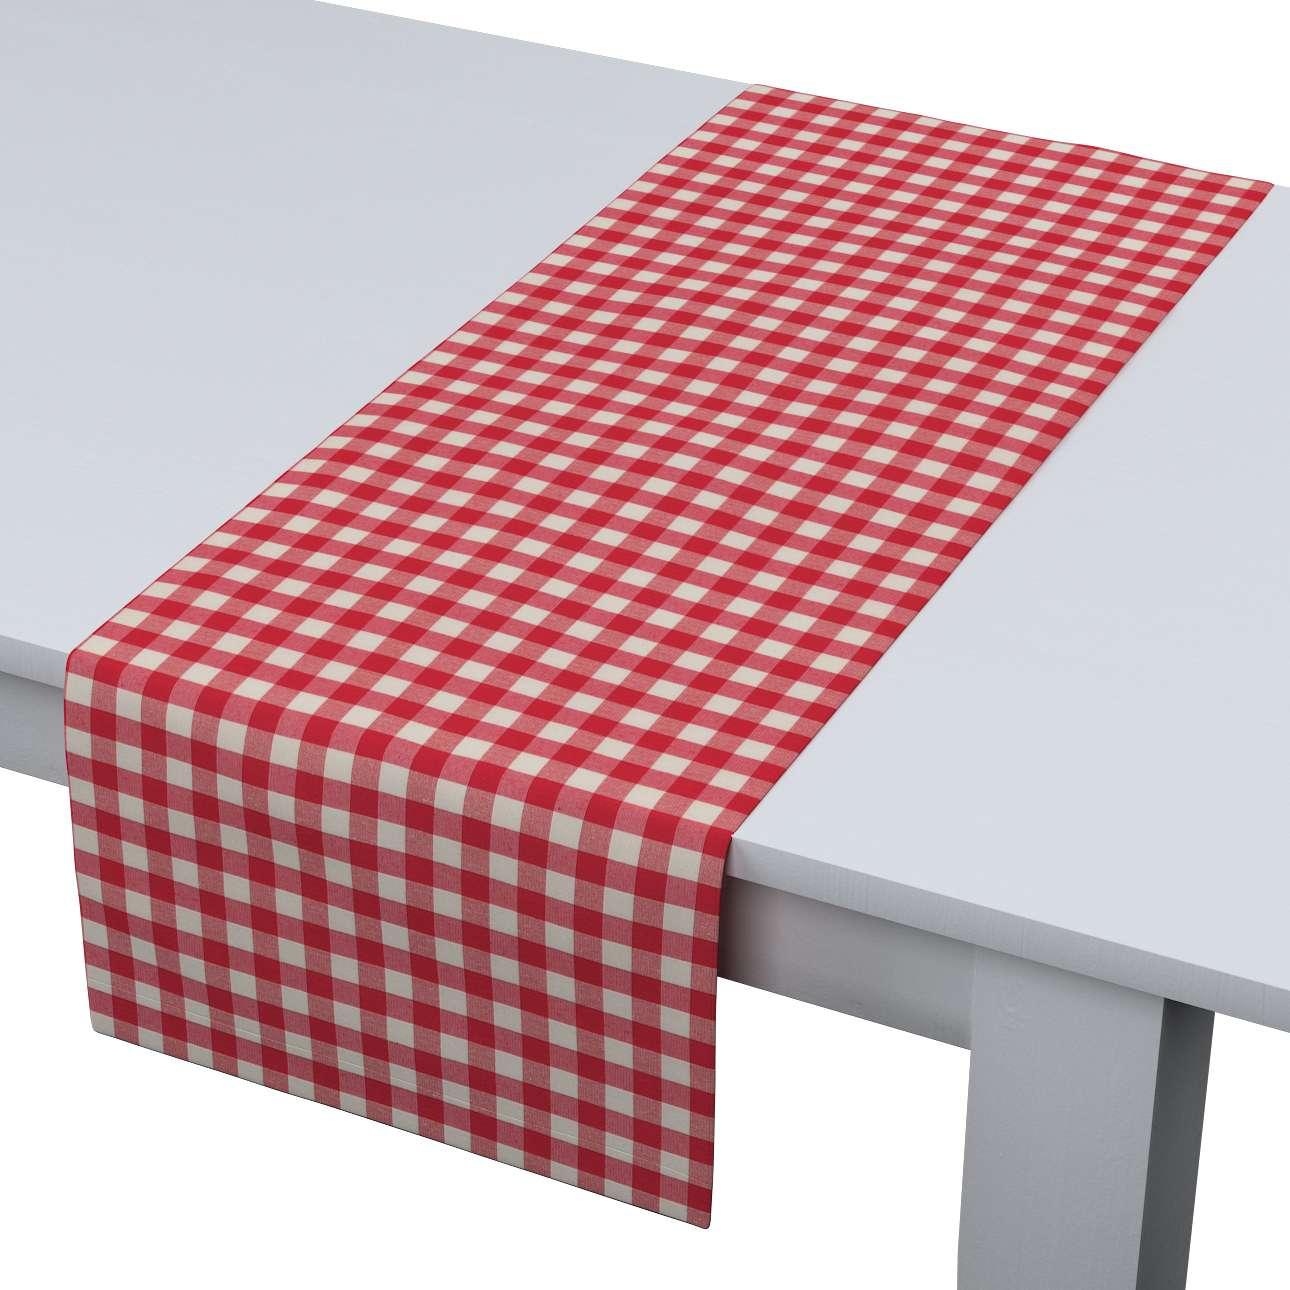 Štóla na stôl V kolekcii Quadro, tkanina: 136-16